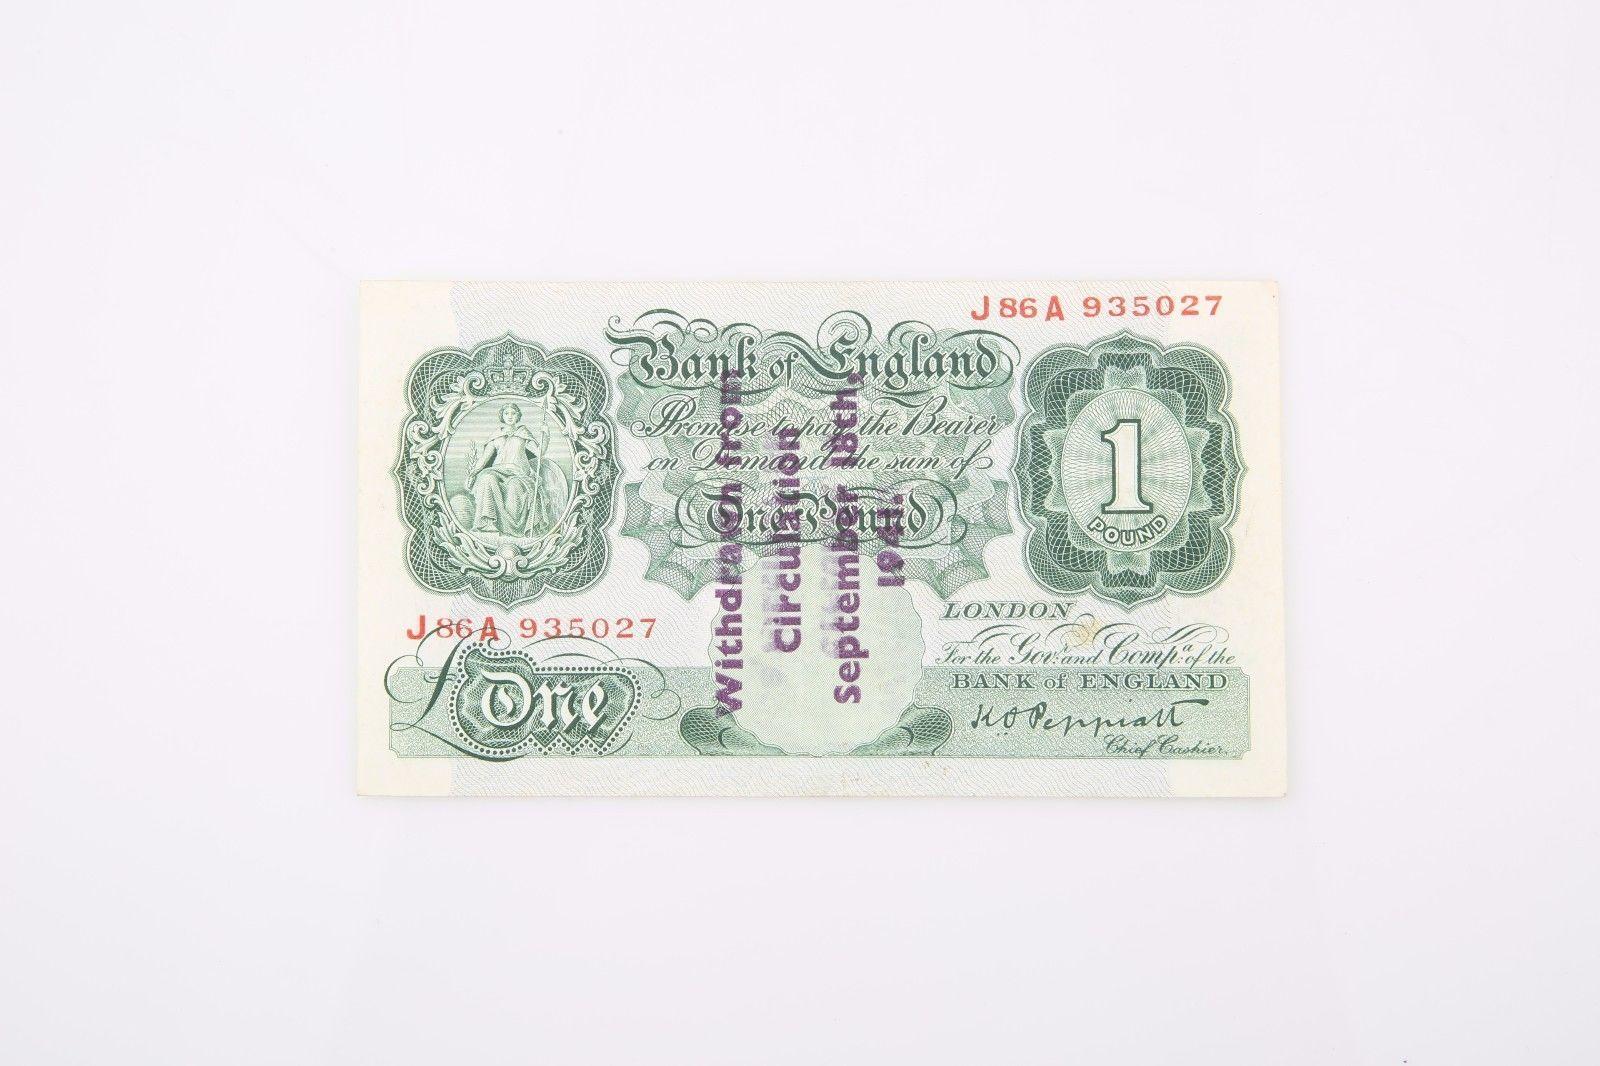 1934-1939 ND Gran Bretaña Libra xf-40 PMG Banco de Inglaterra EXTRAORDINARIA image 3